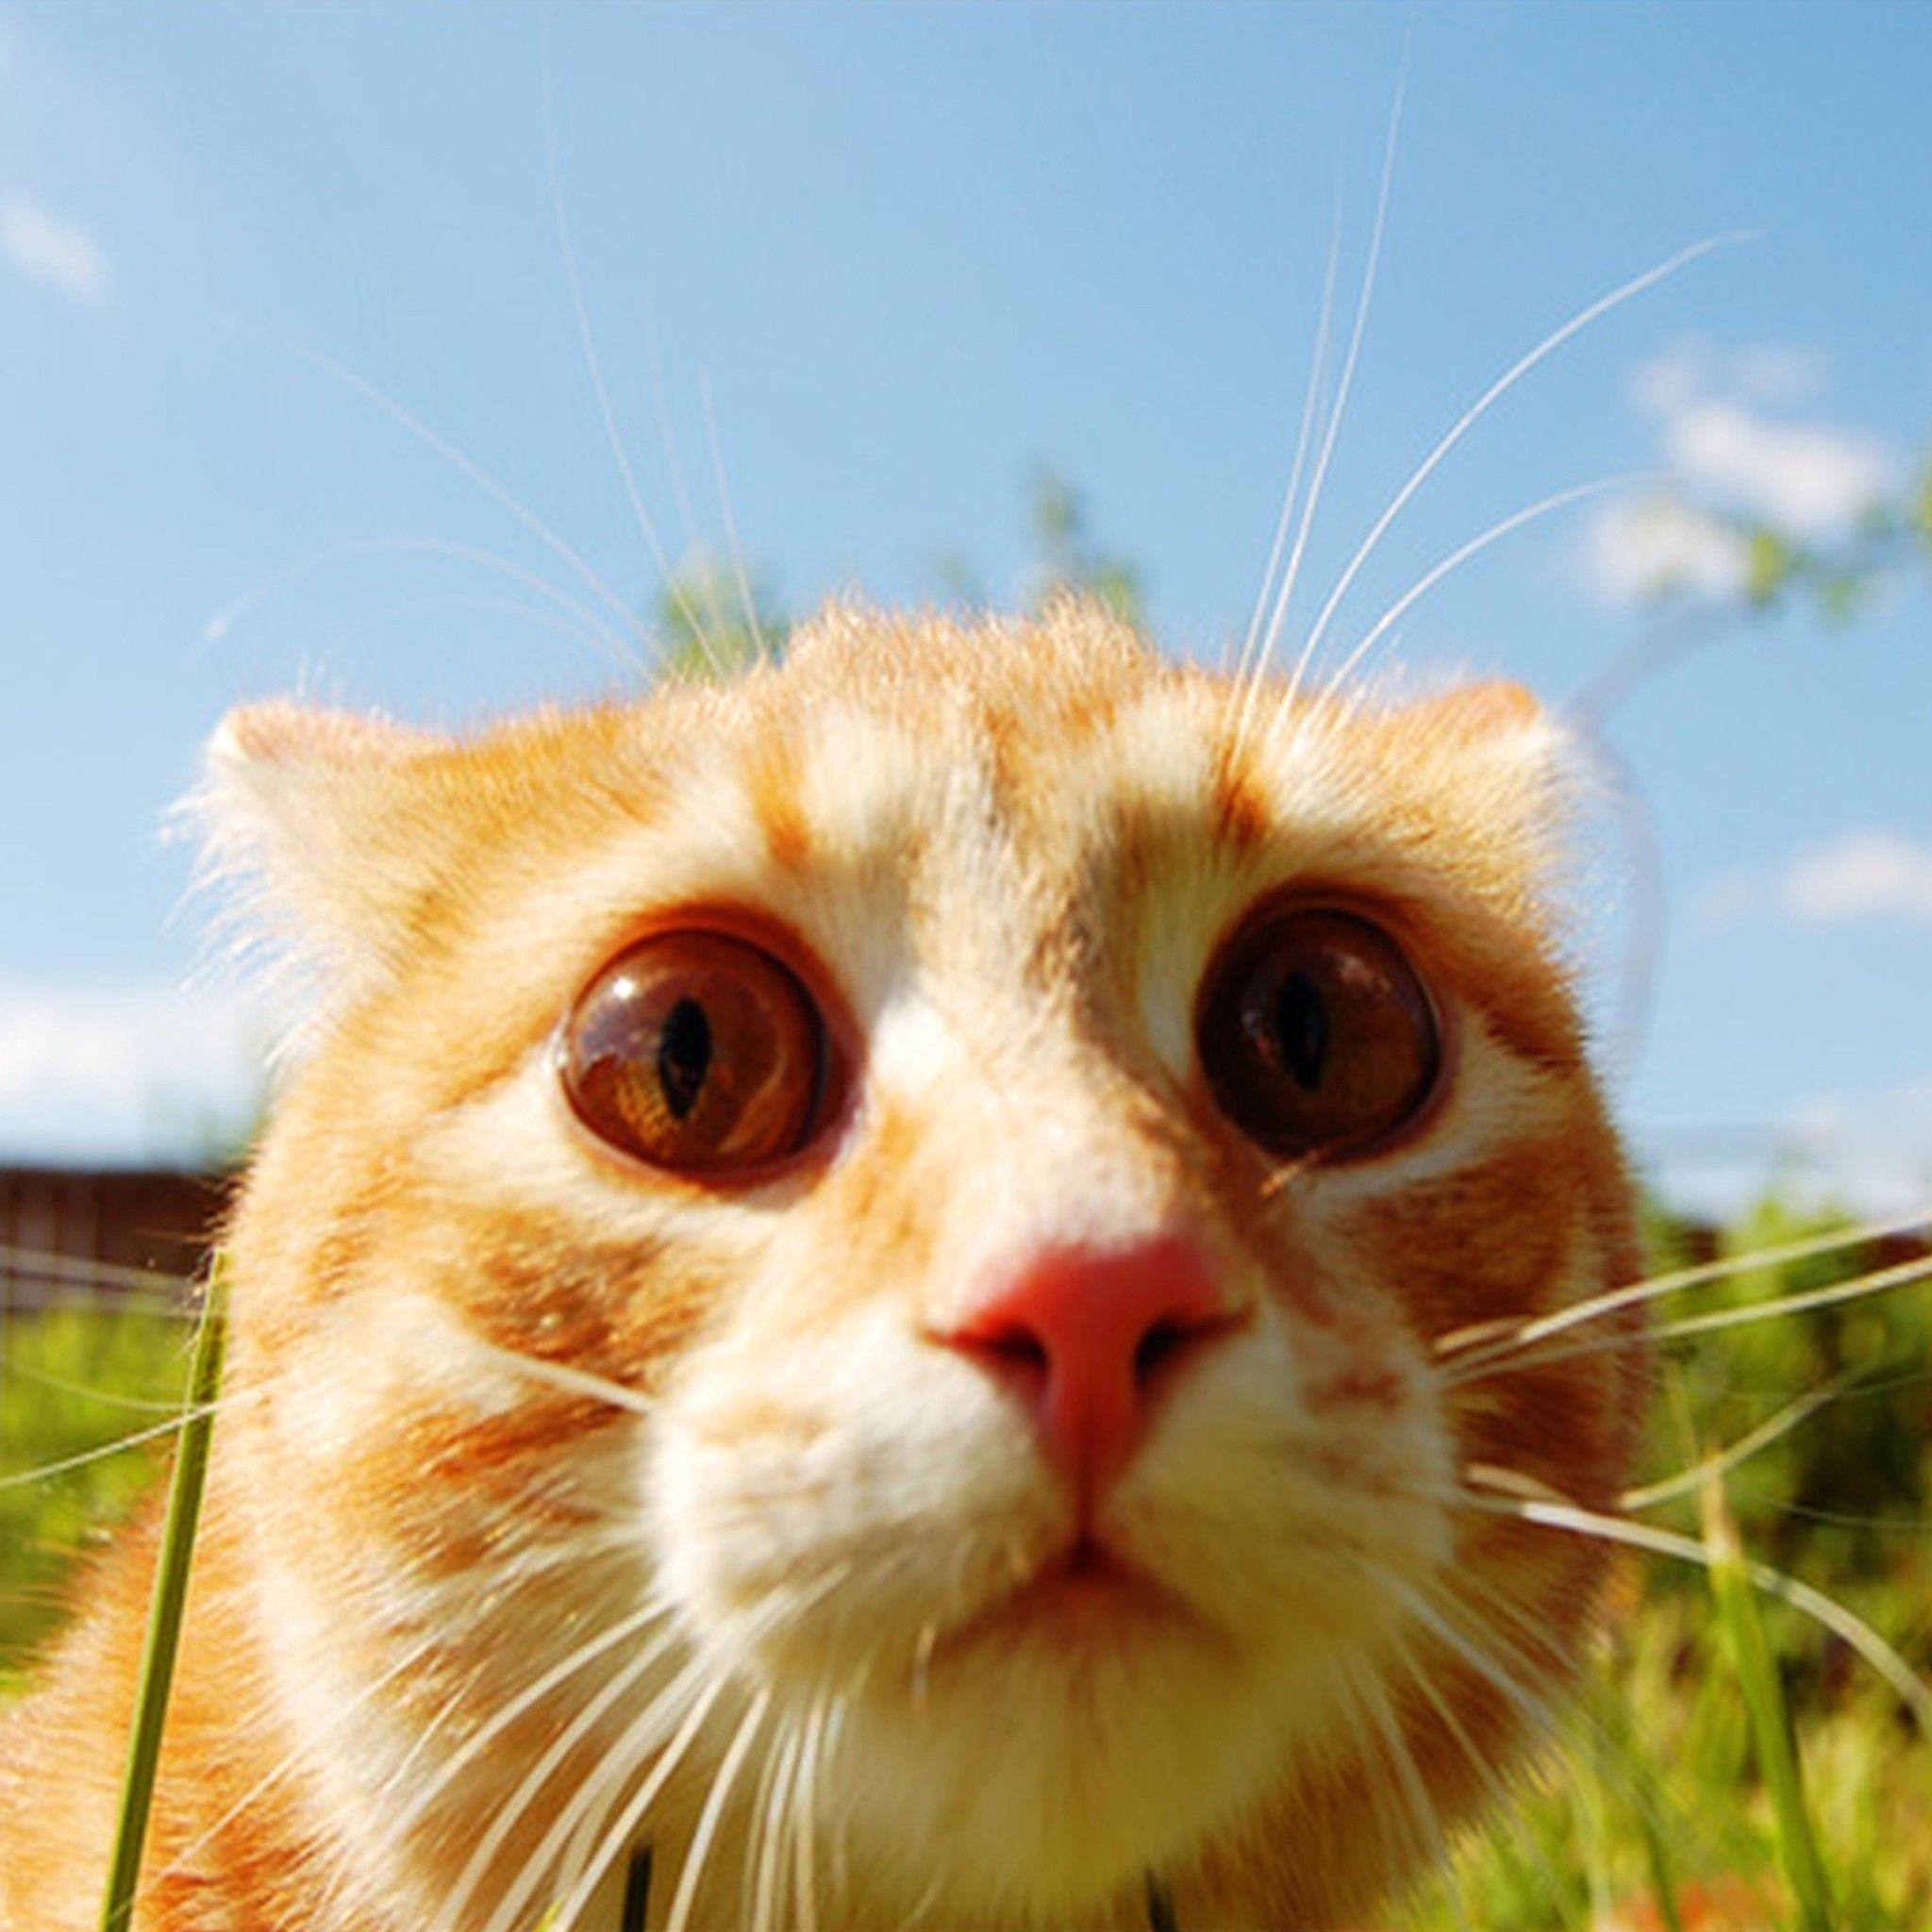 家中遭遇变故,是回家孝敬老人还是留下照顾猫咪?二者并不冲突